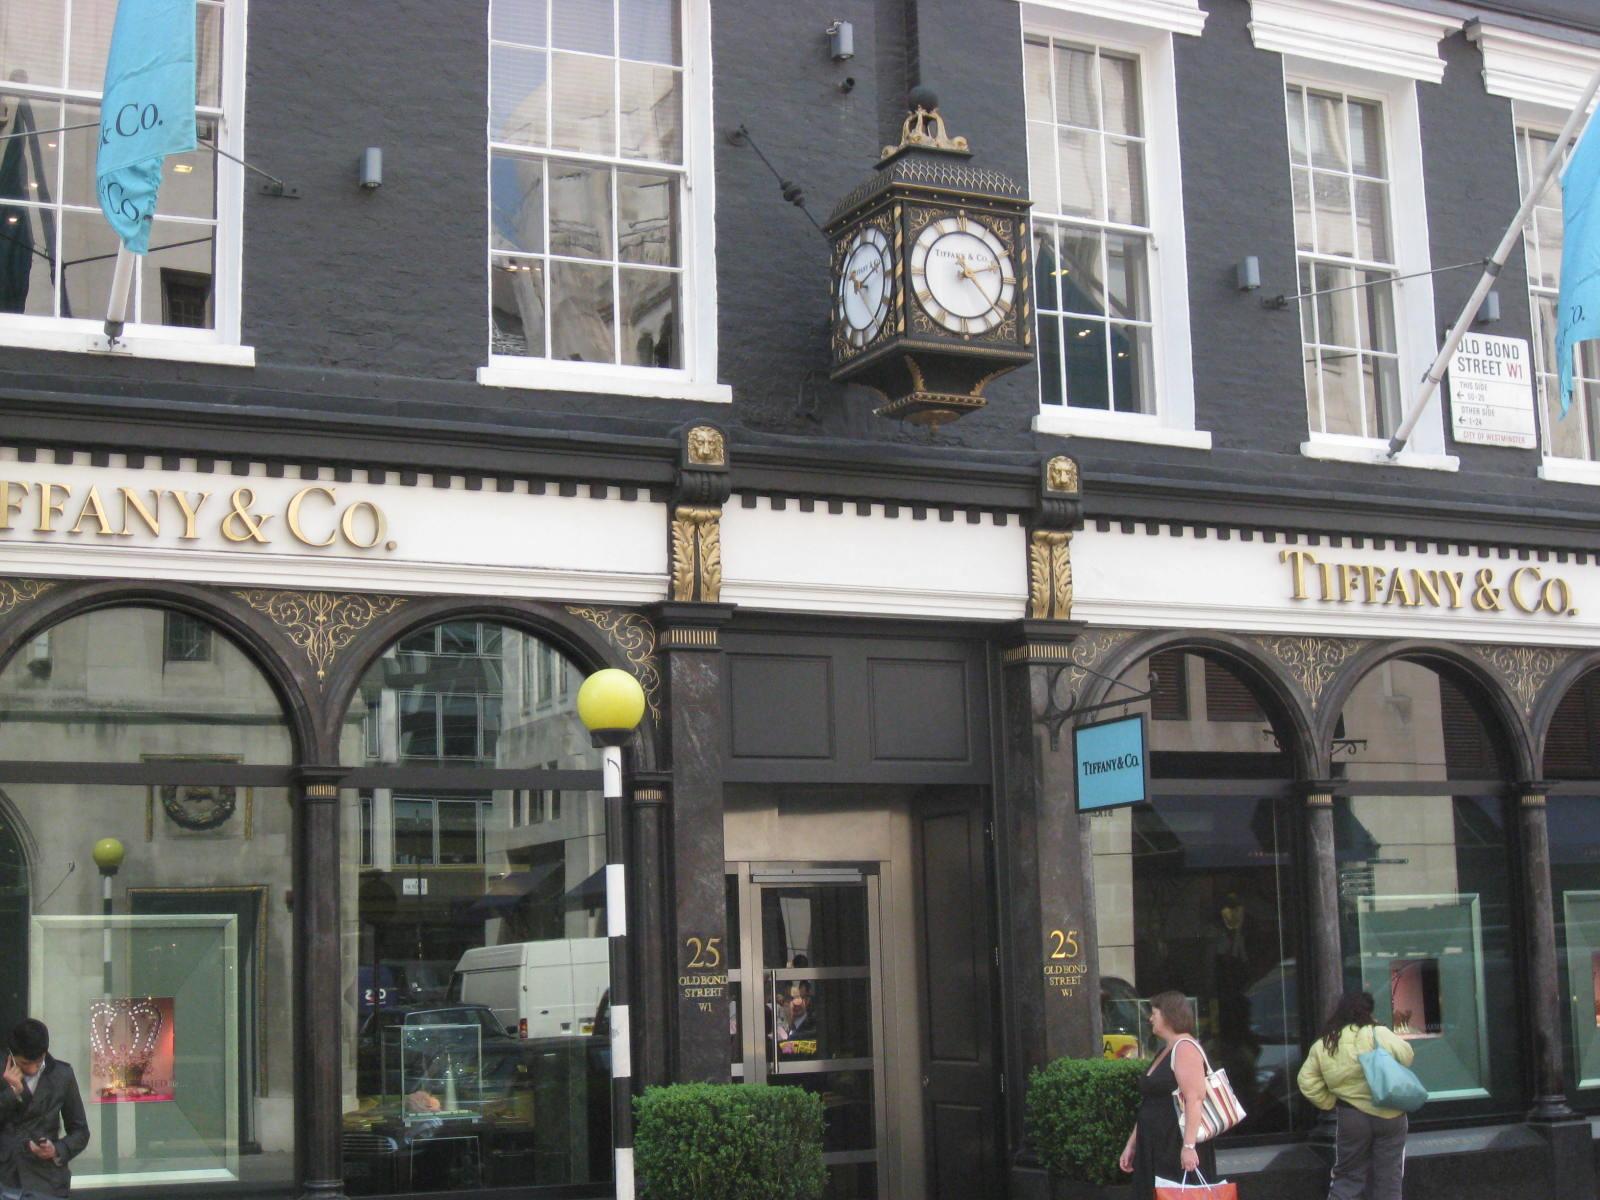 Tiffany & Co London